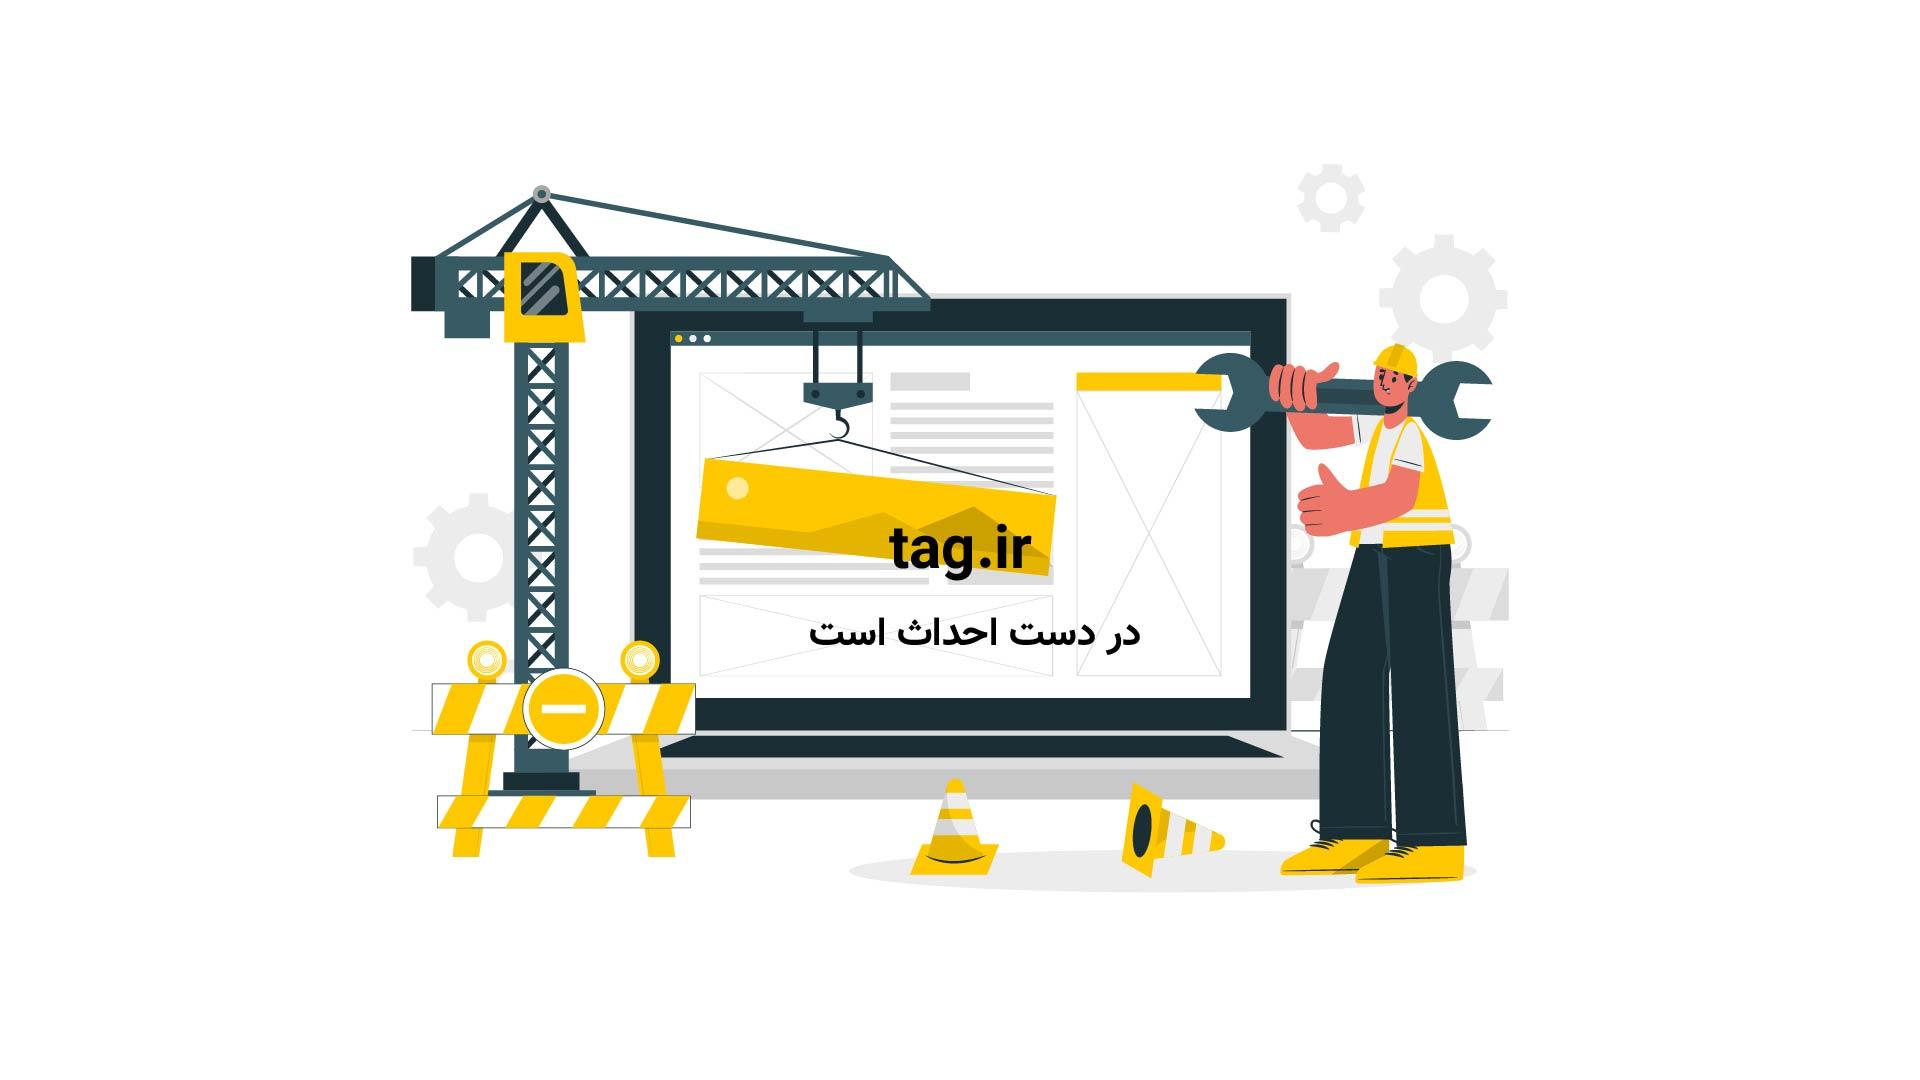 مراسم ادای سوگند آنتونیو گوتیرس، دبیرکل جدید سازمان ملل متحد   فیلم